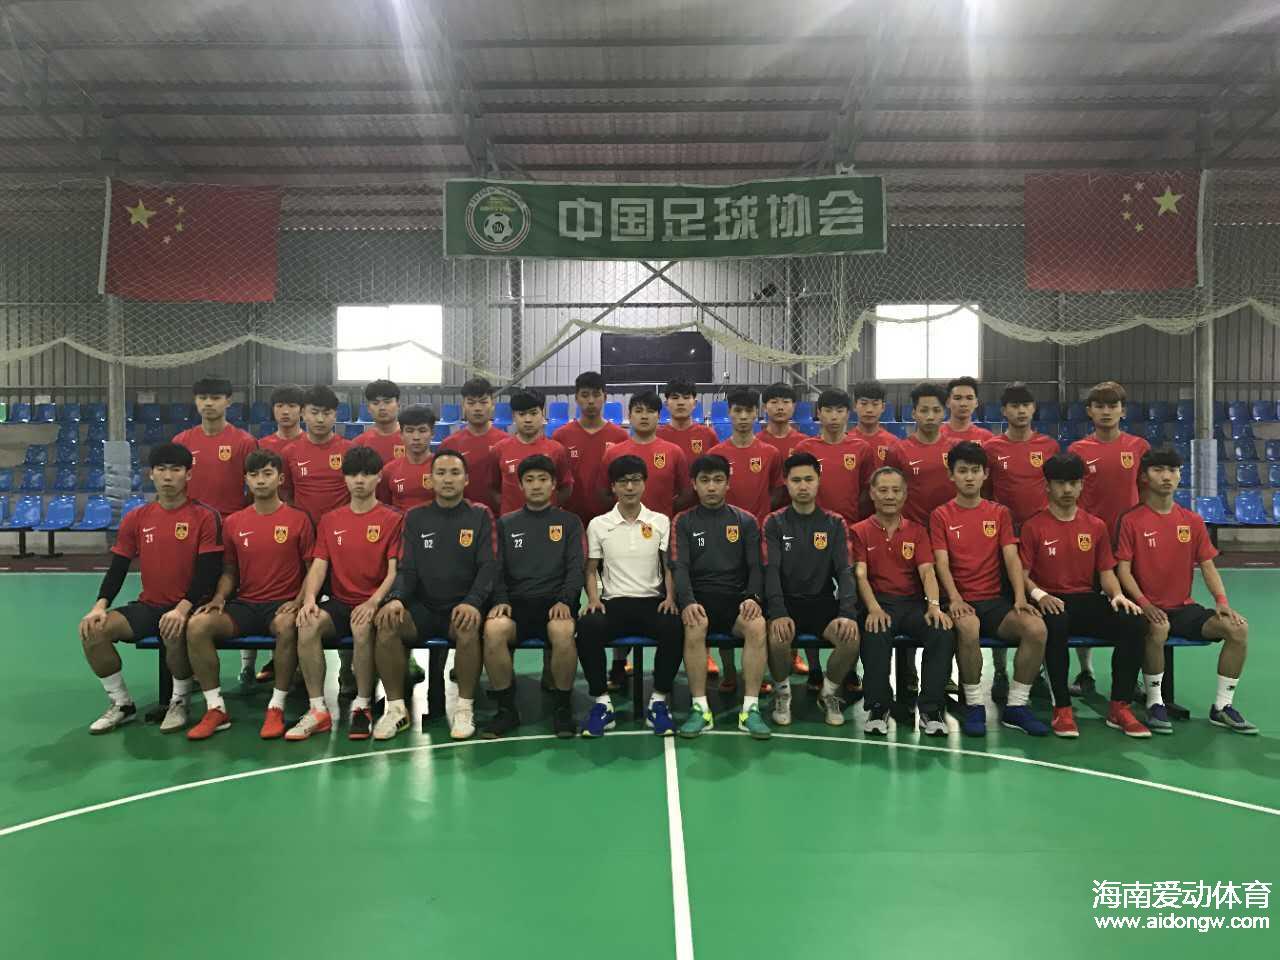 中国U20五人制国家队海南集训 备战亚洲五人制足球锦标赛